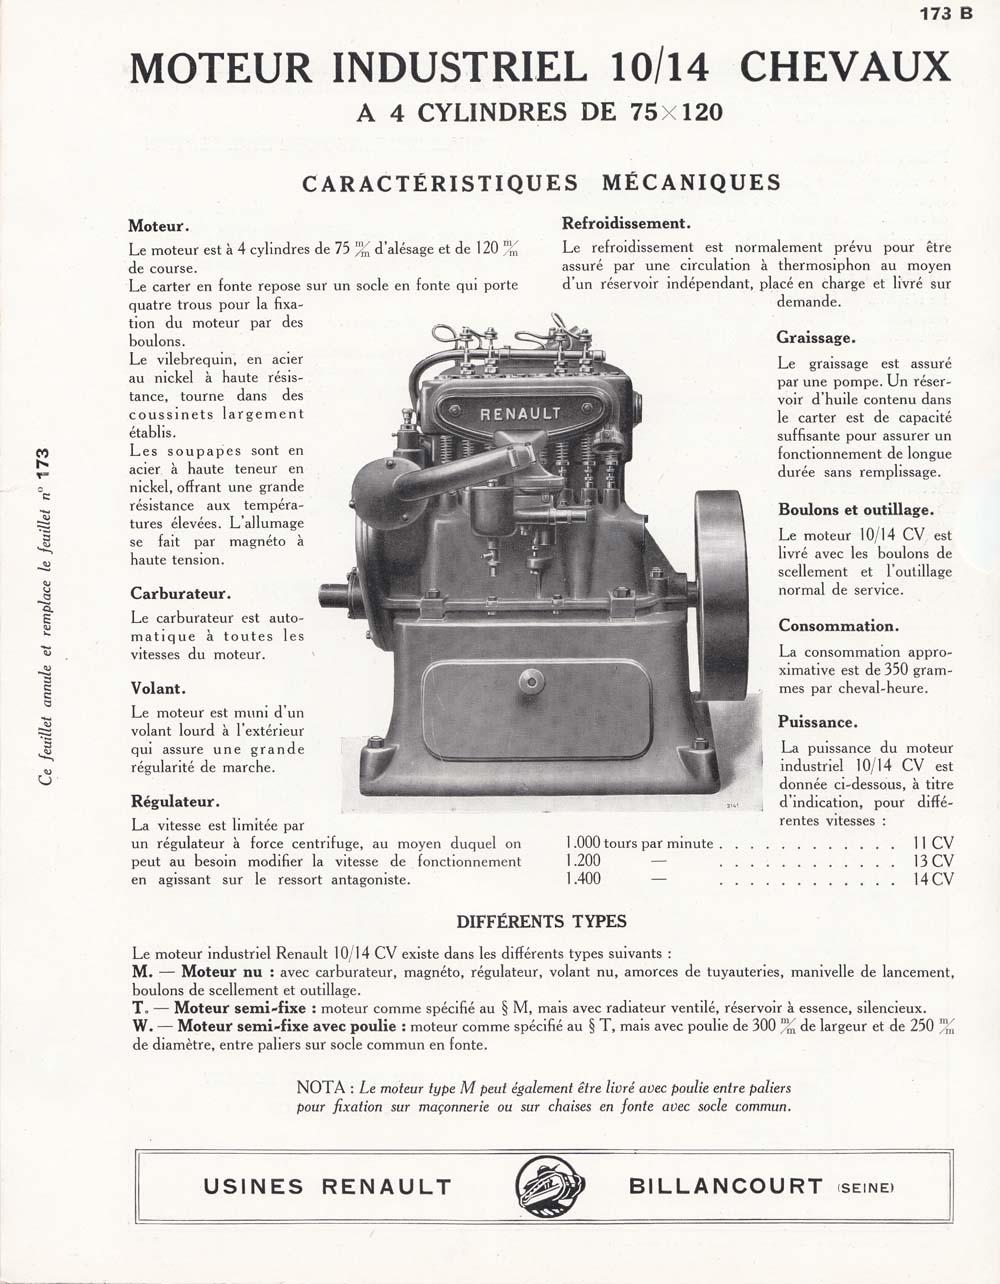 moteur_industriel_10_14cv_1